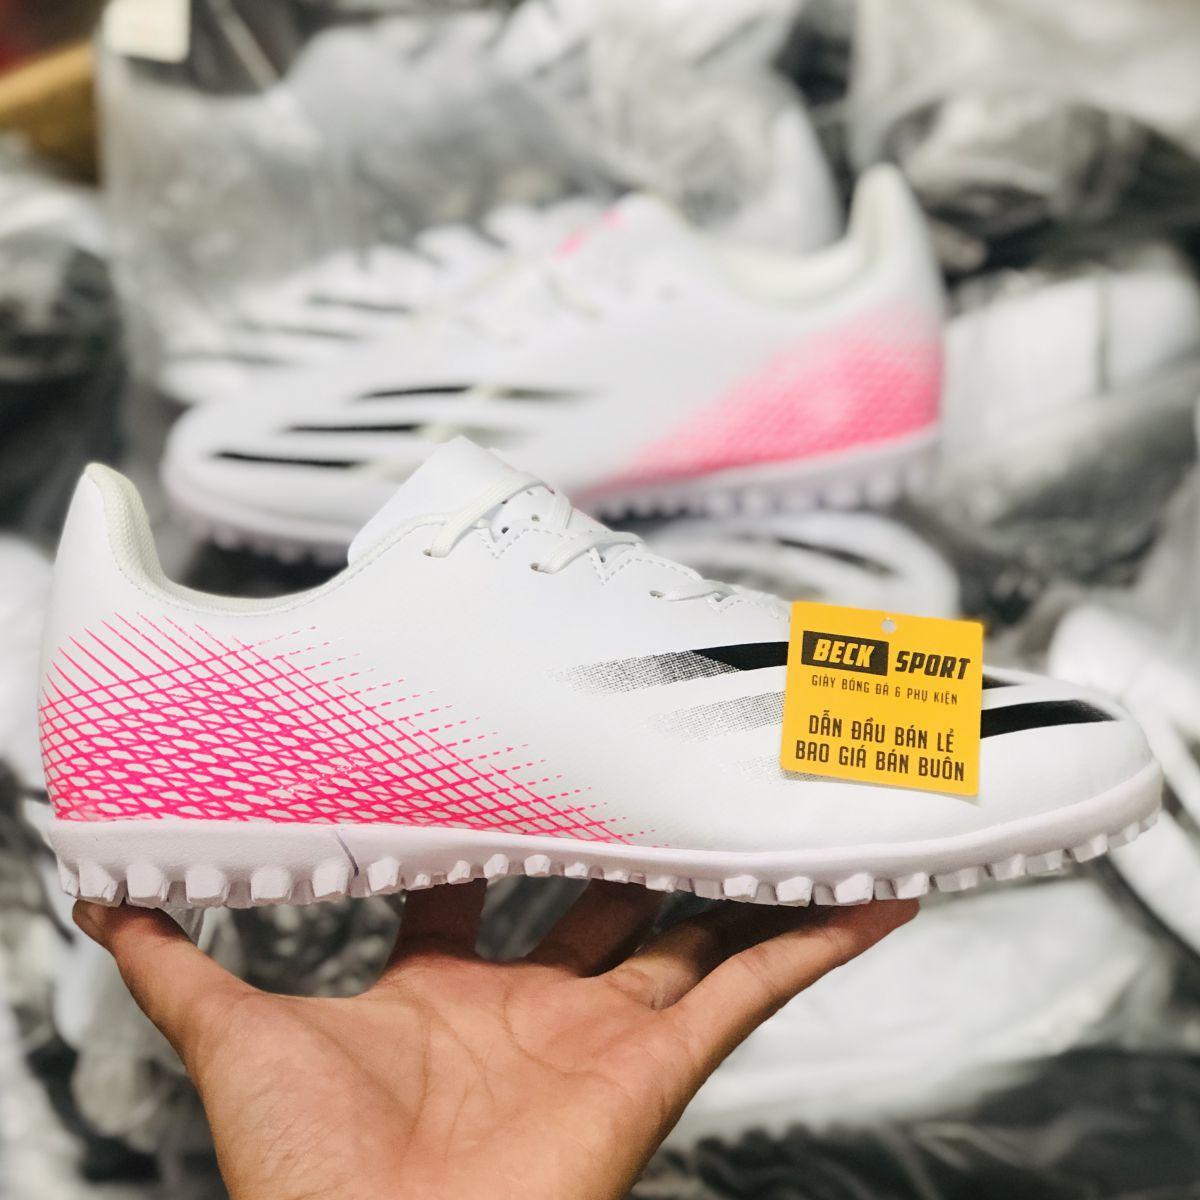 Giày Bóng Đá TQ Adidas X Ghosted.4 Trắng Hồng Vạch Đen TF